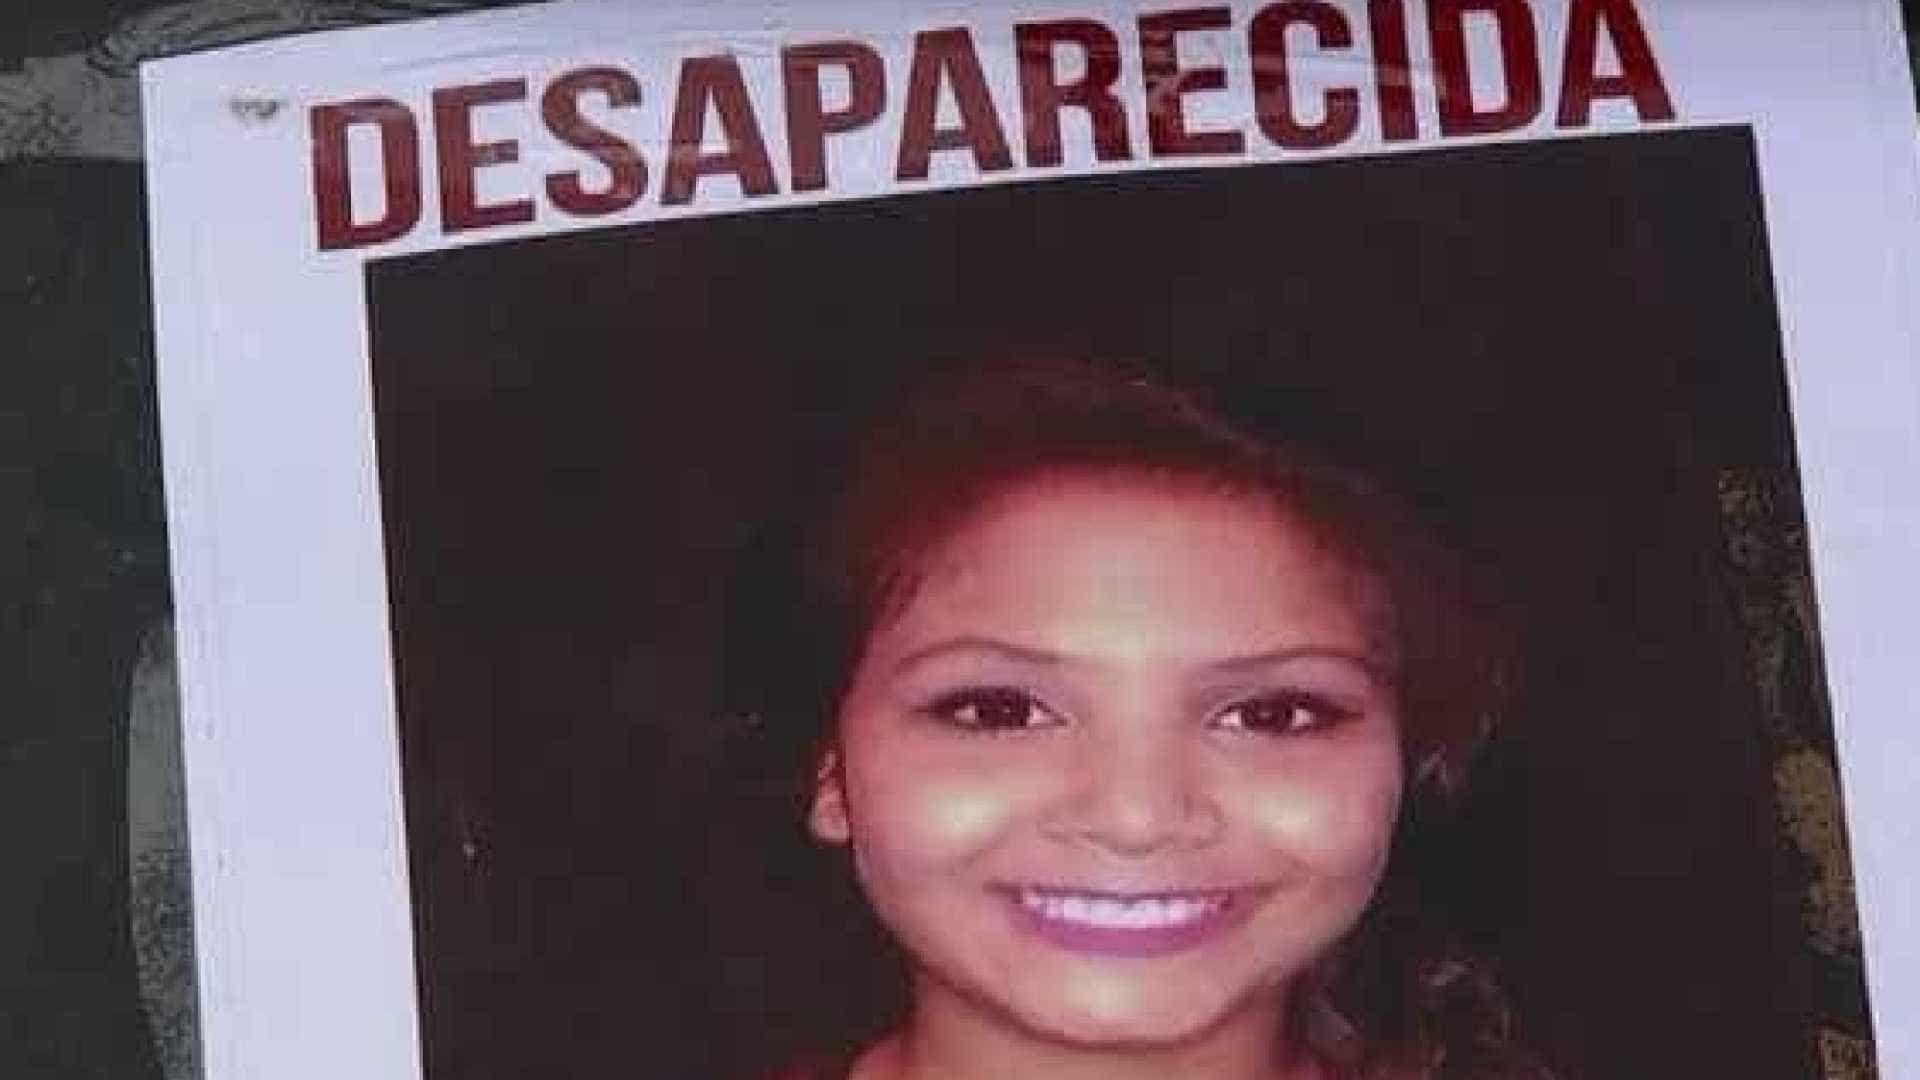 Pai de Vitória acredita que 'alguém próximo' tenha matado a filha